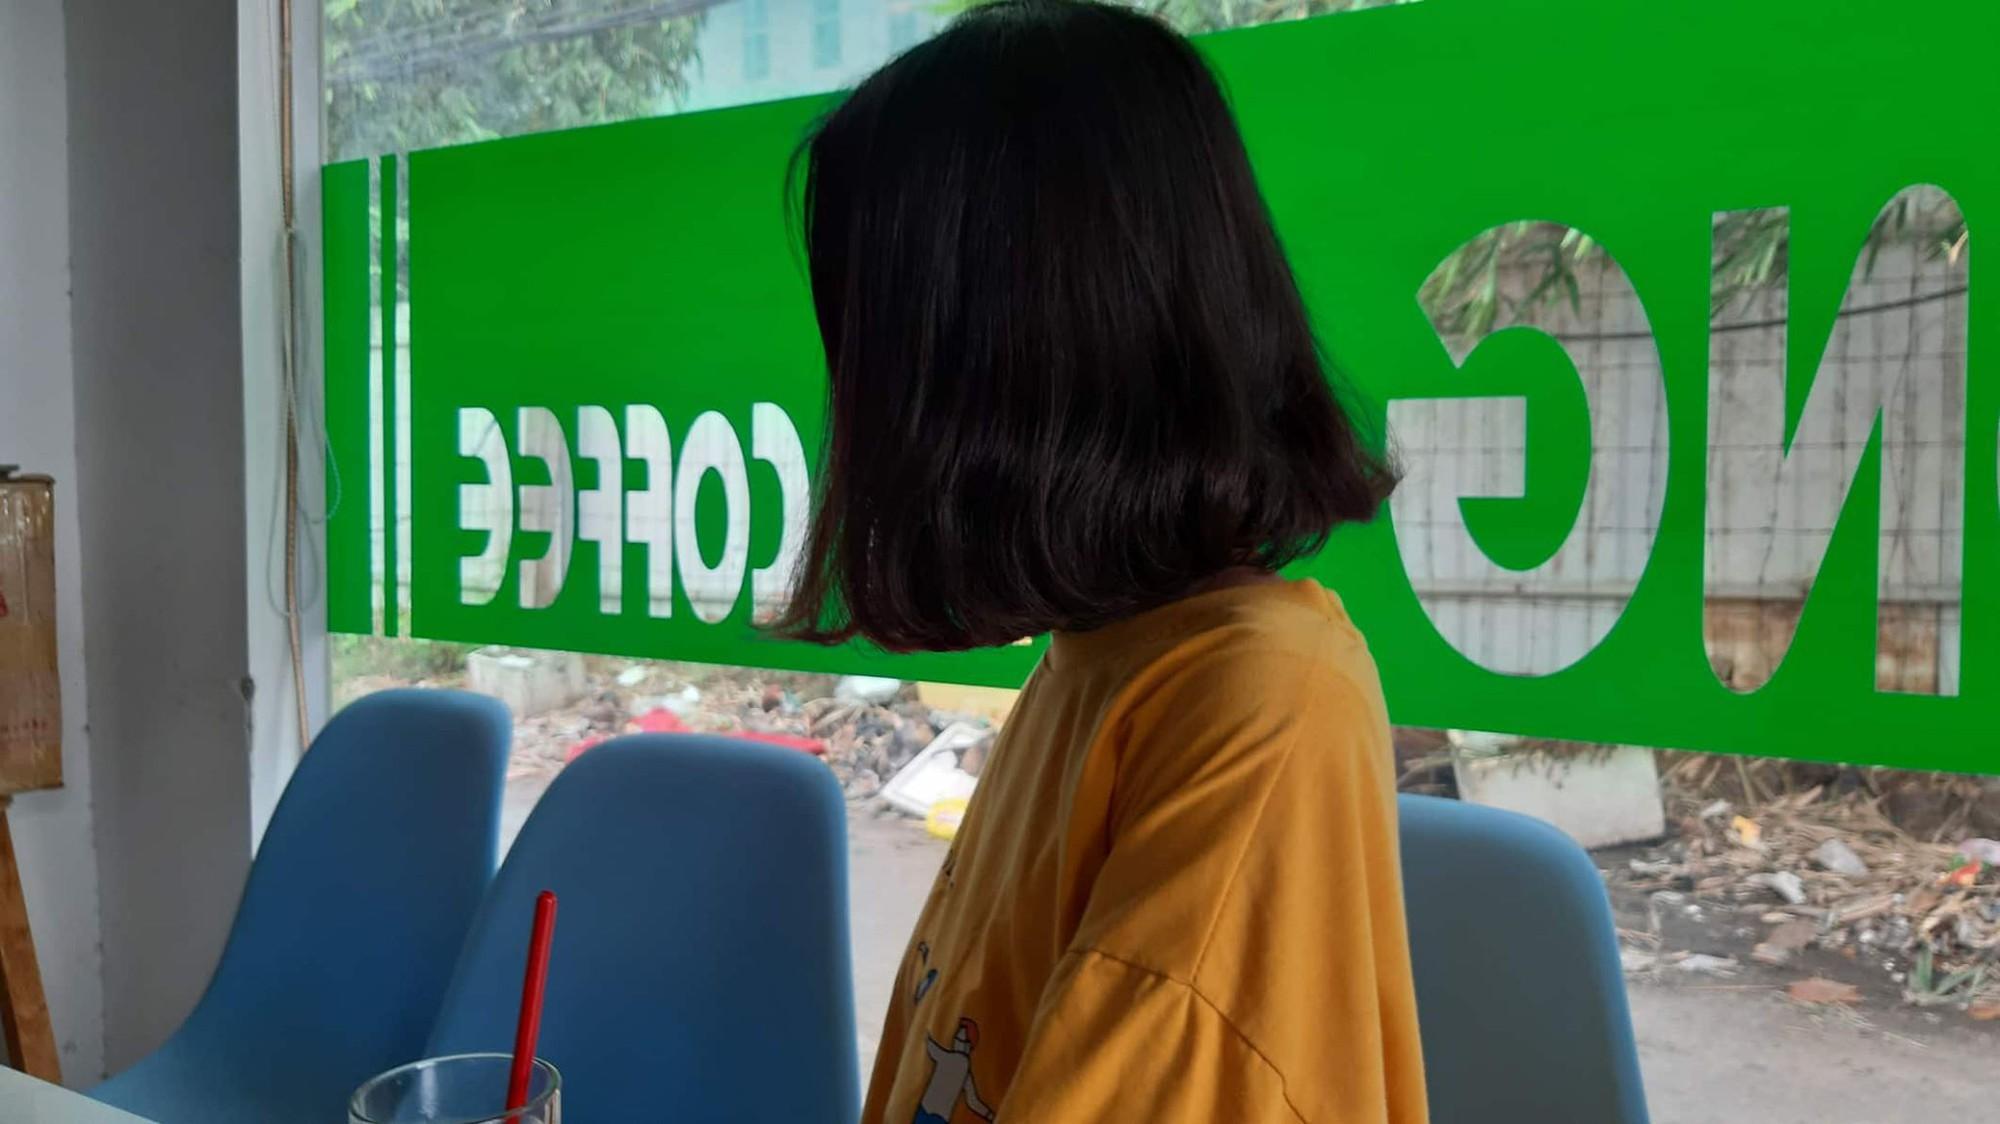 Nữ sinh bị sàm sỡ nhận được tin nhắn từ FB của người xưng là vợ phụ xe Phương Trang: Chị ấy nói ủng hộ em làm đơn tố giác-2